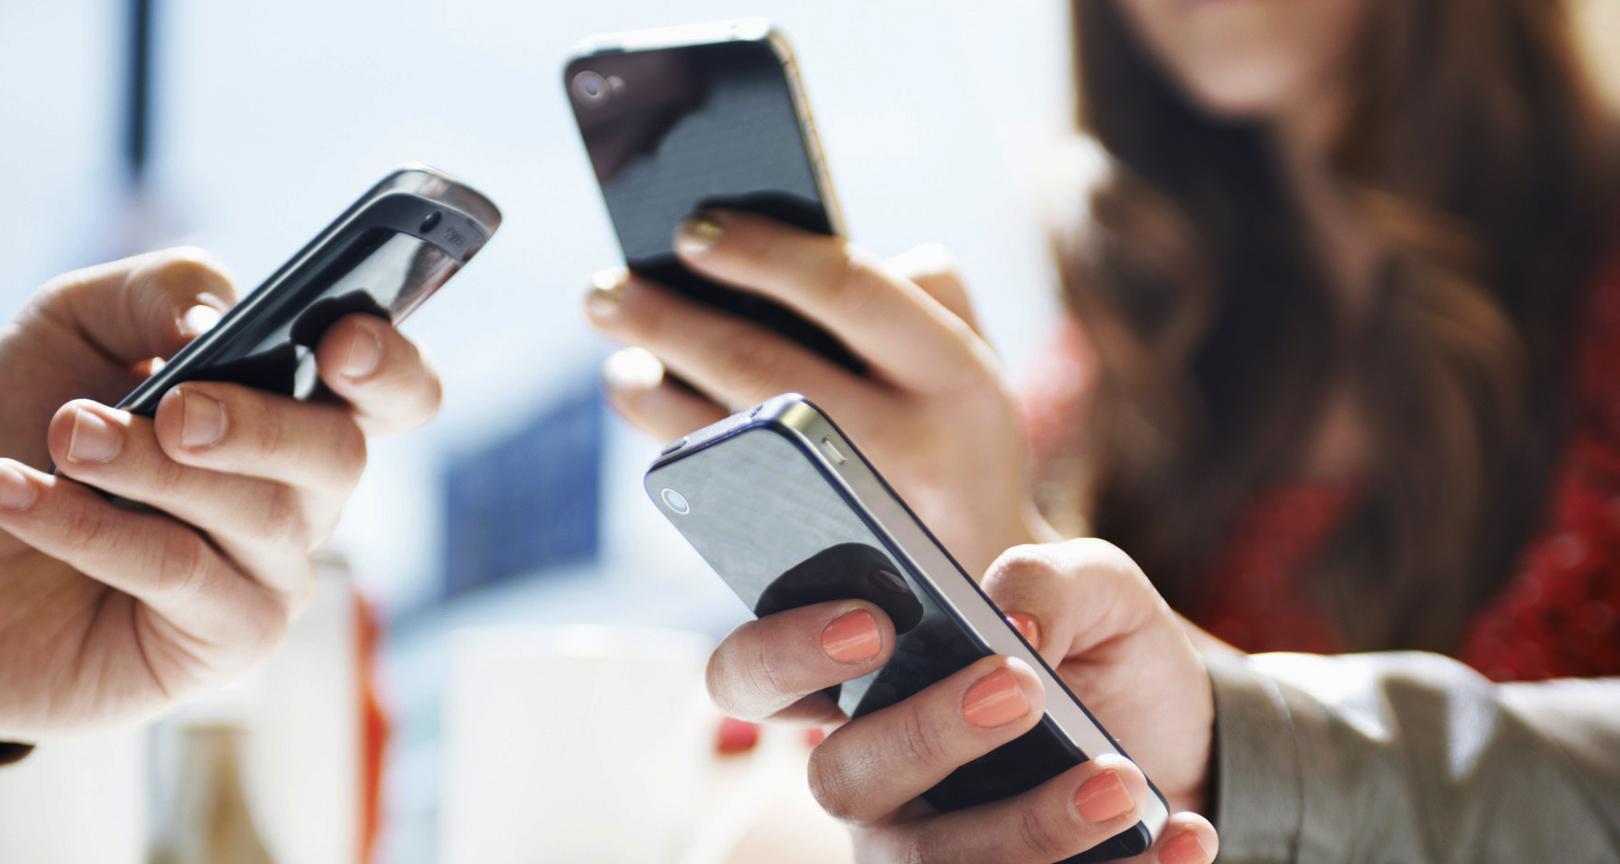 Світле майбутнє 5G - протистояння в сфері технологій зв'язку нового покоління